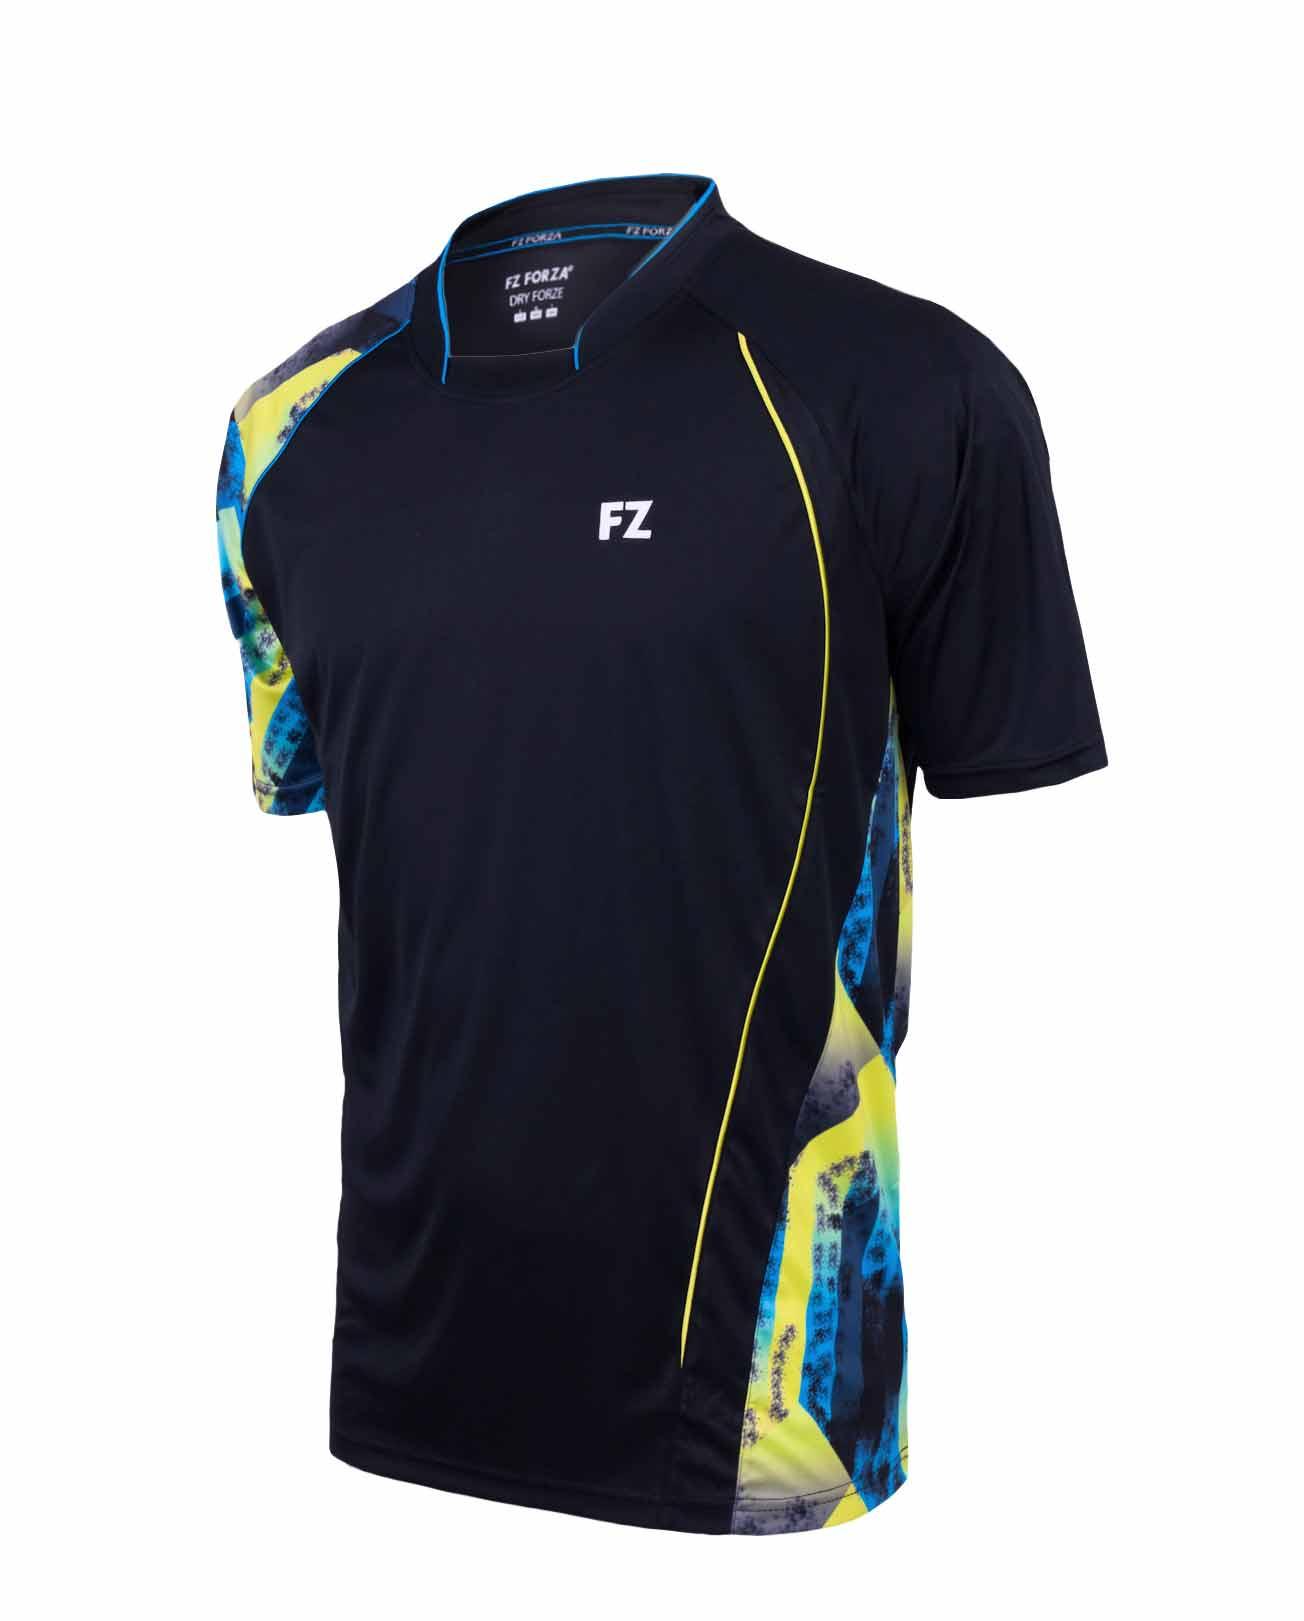 Forza – Forza magnus t-shirt på billigsport24